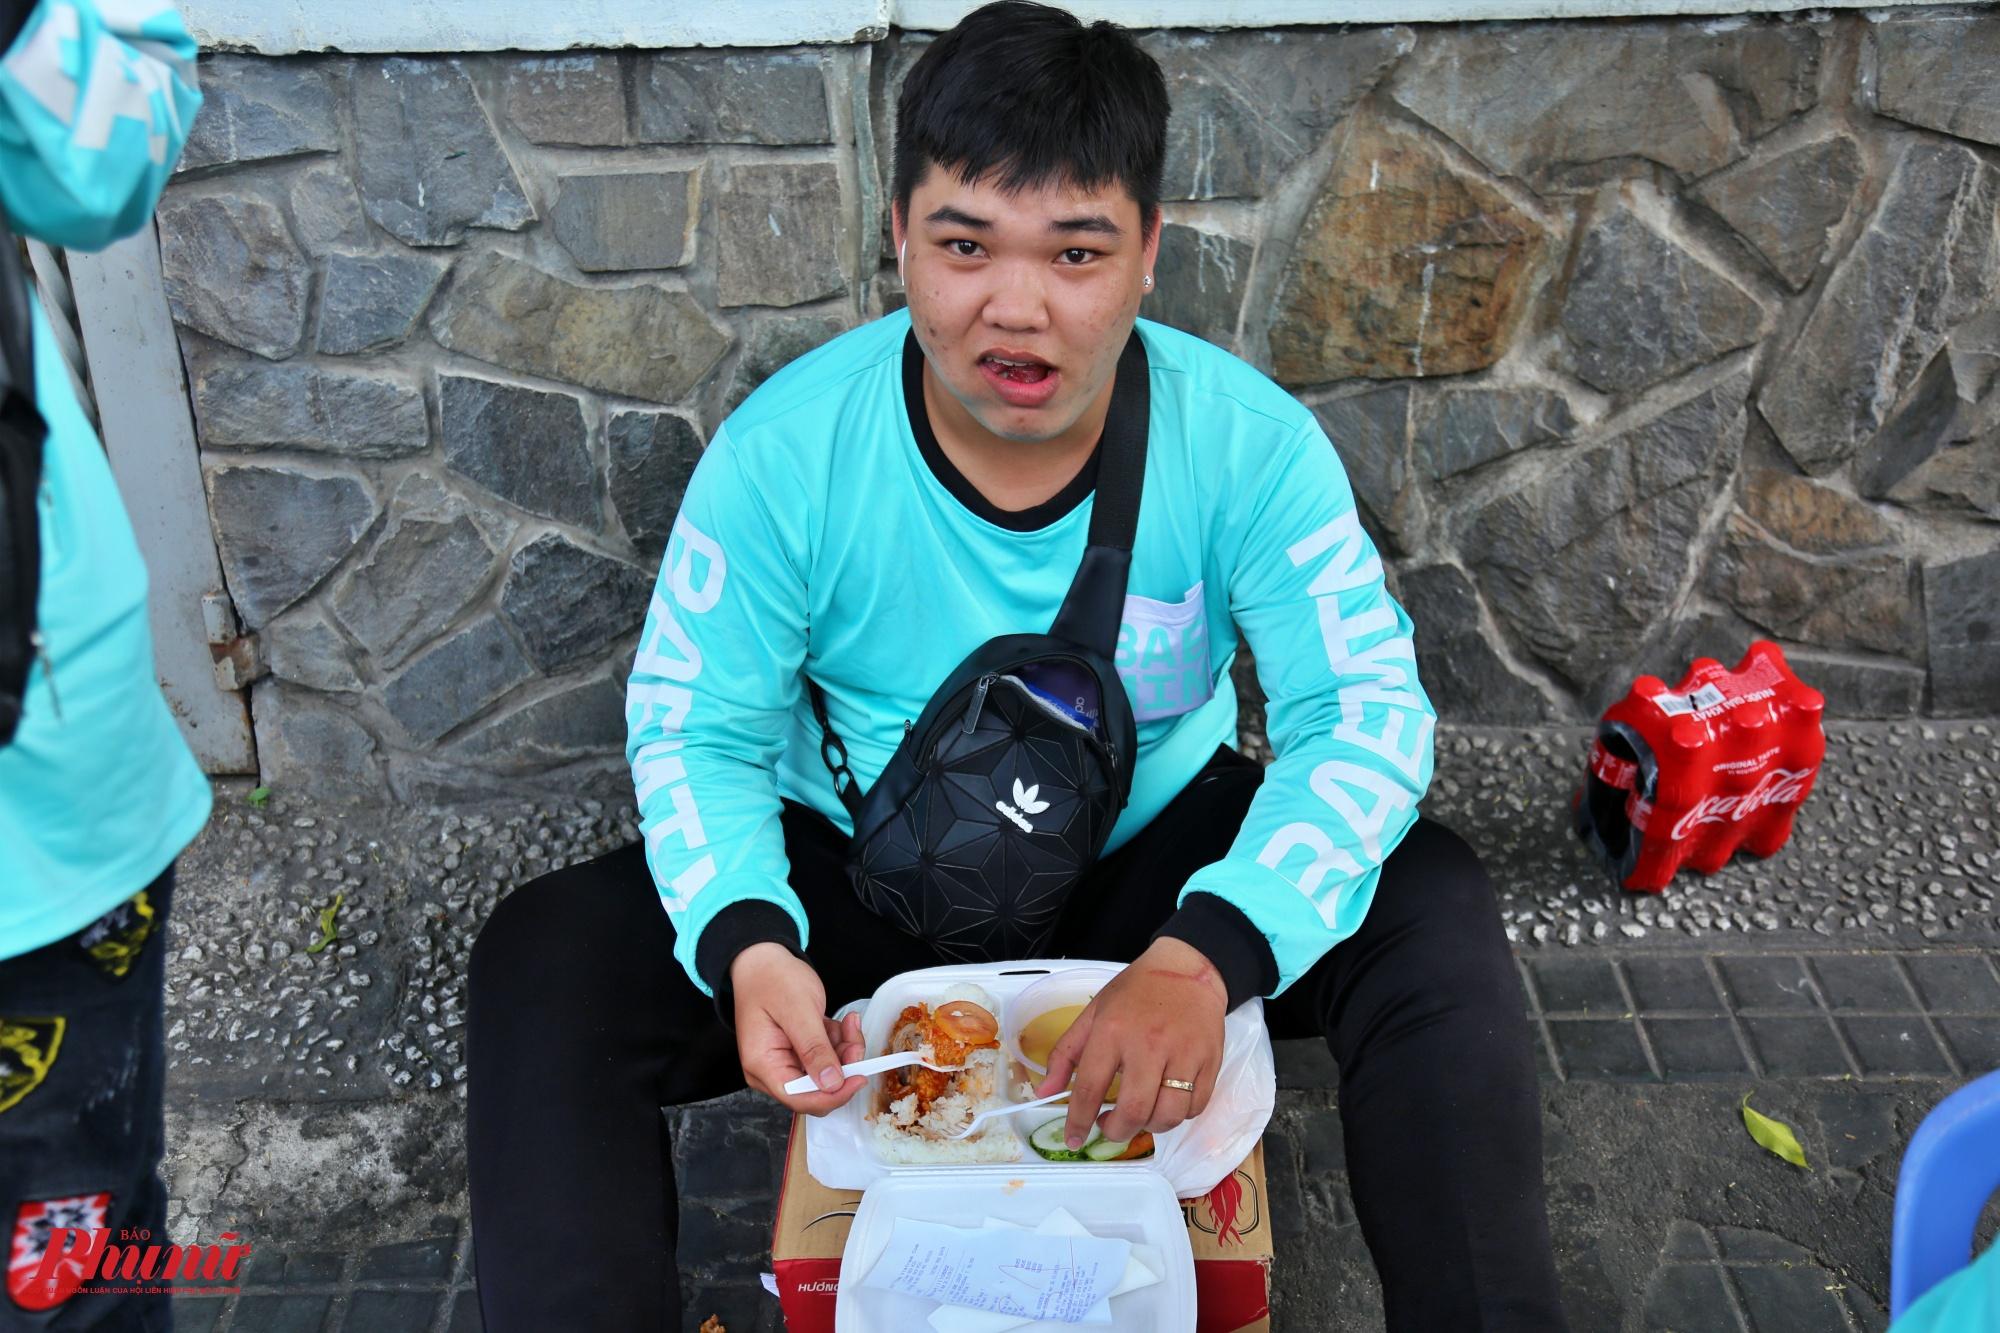 Anh Trần Tấn Nhã, ở quận Thủ Đức, TPHCM tranh thủ ăn cơm trưa vào lúc 4 giờ chiều, anh chia sẻ: Sáng giờ chạy được 6 cuốc xe nên giờ nghỉ ngơi để tiếp tục chạy ca tối